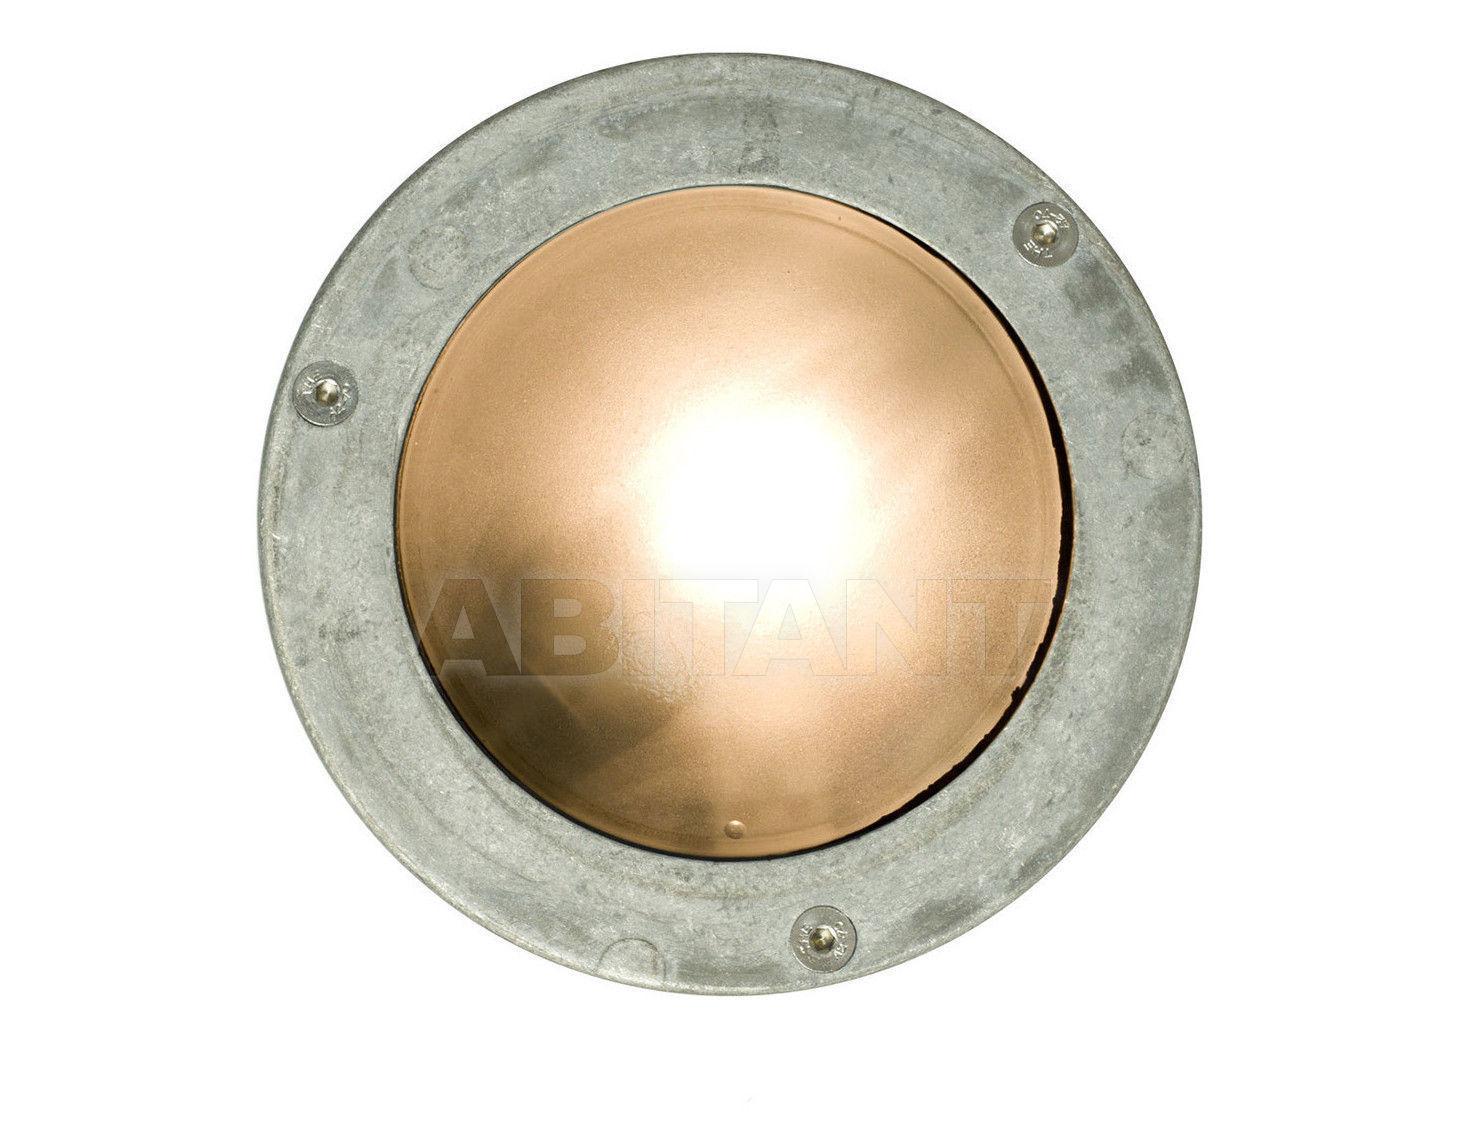 Купить Светильник Davey Lighting Bulkhead Lights 8034/AL/GX53